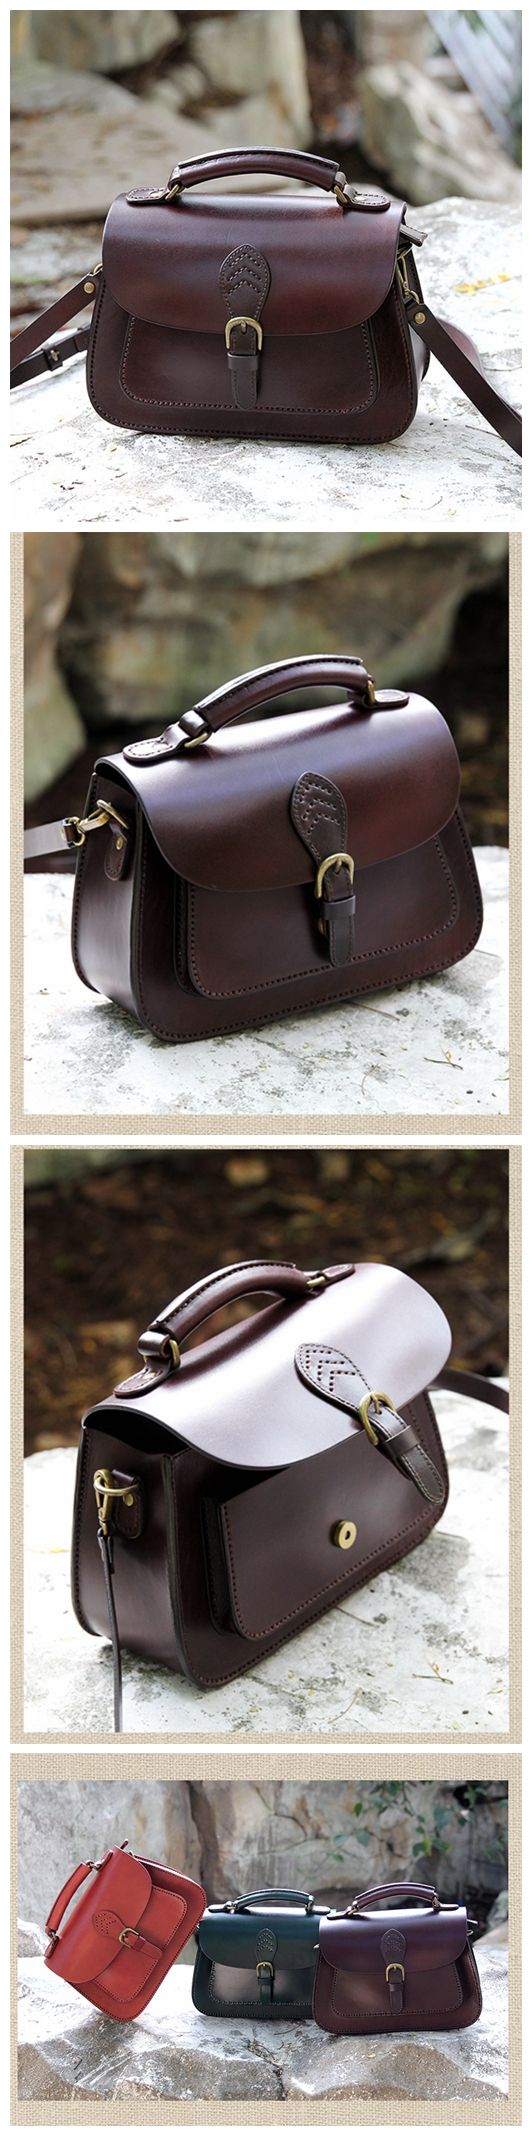 LISABAG--Handcrafted Leather Messenger Handbag Leather Shoulder Bag Small Satchel in Coffee AK04